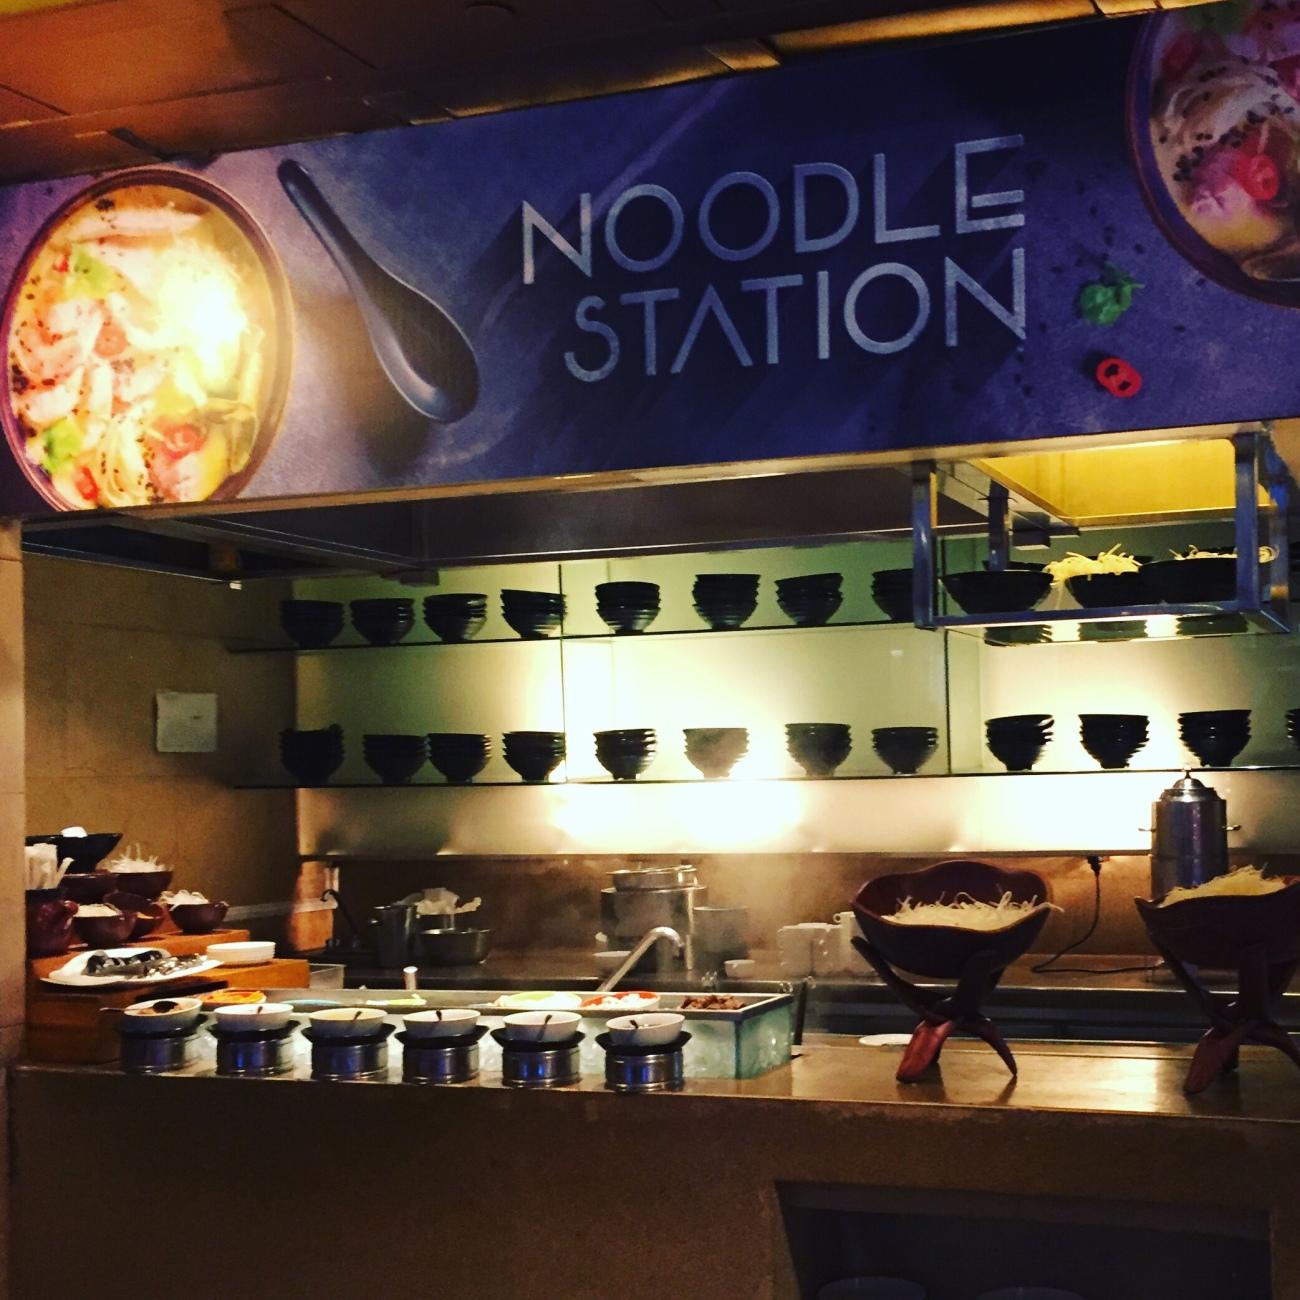 Noodle station